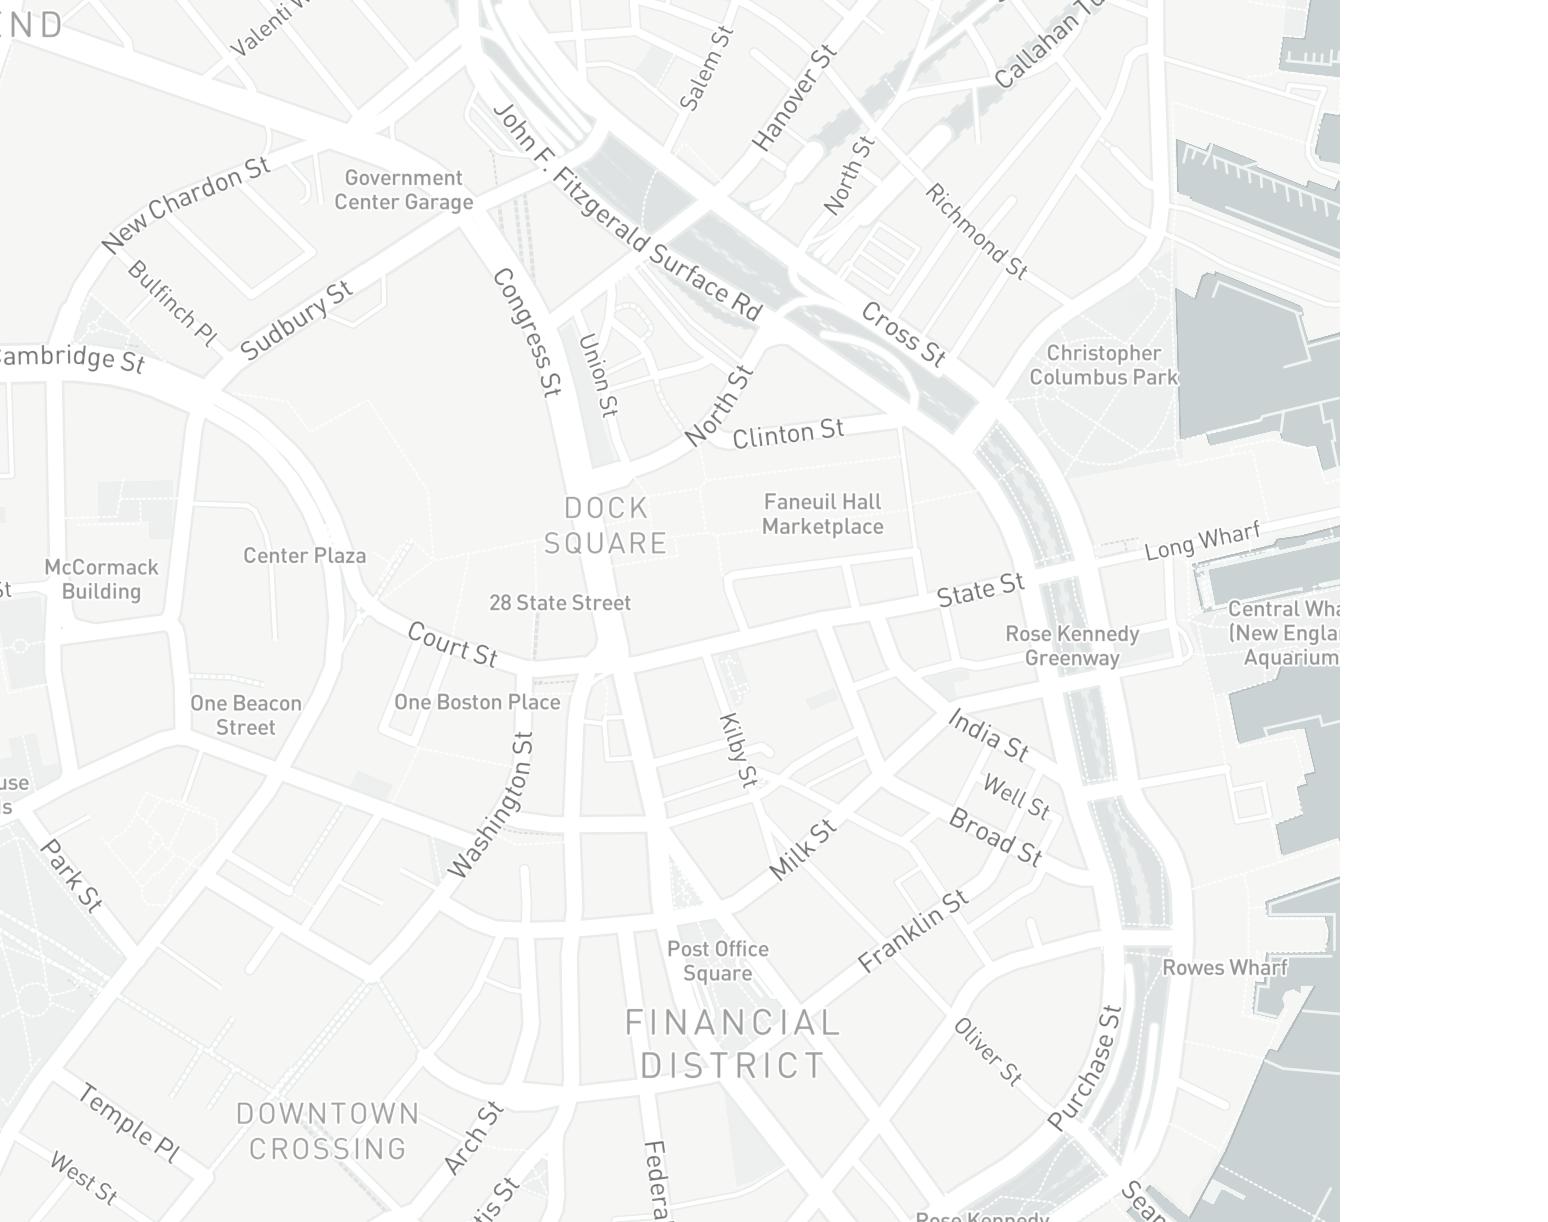 Blurry Maps · Issue #6068 · Leaflet/Leaflet · GitHub